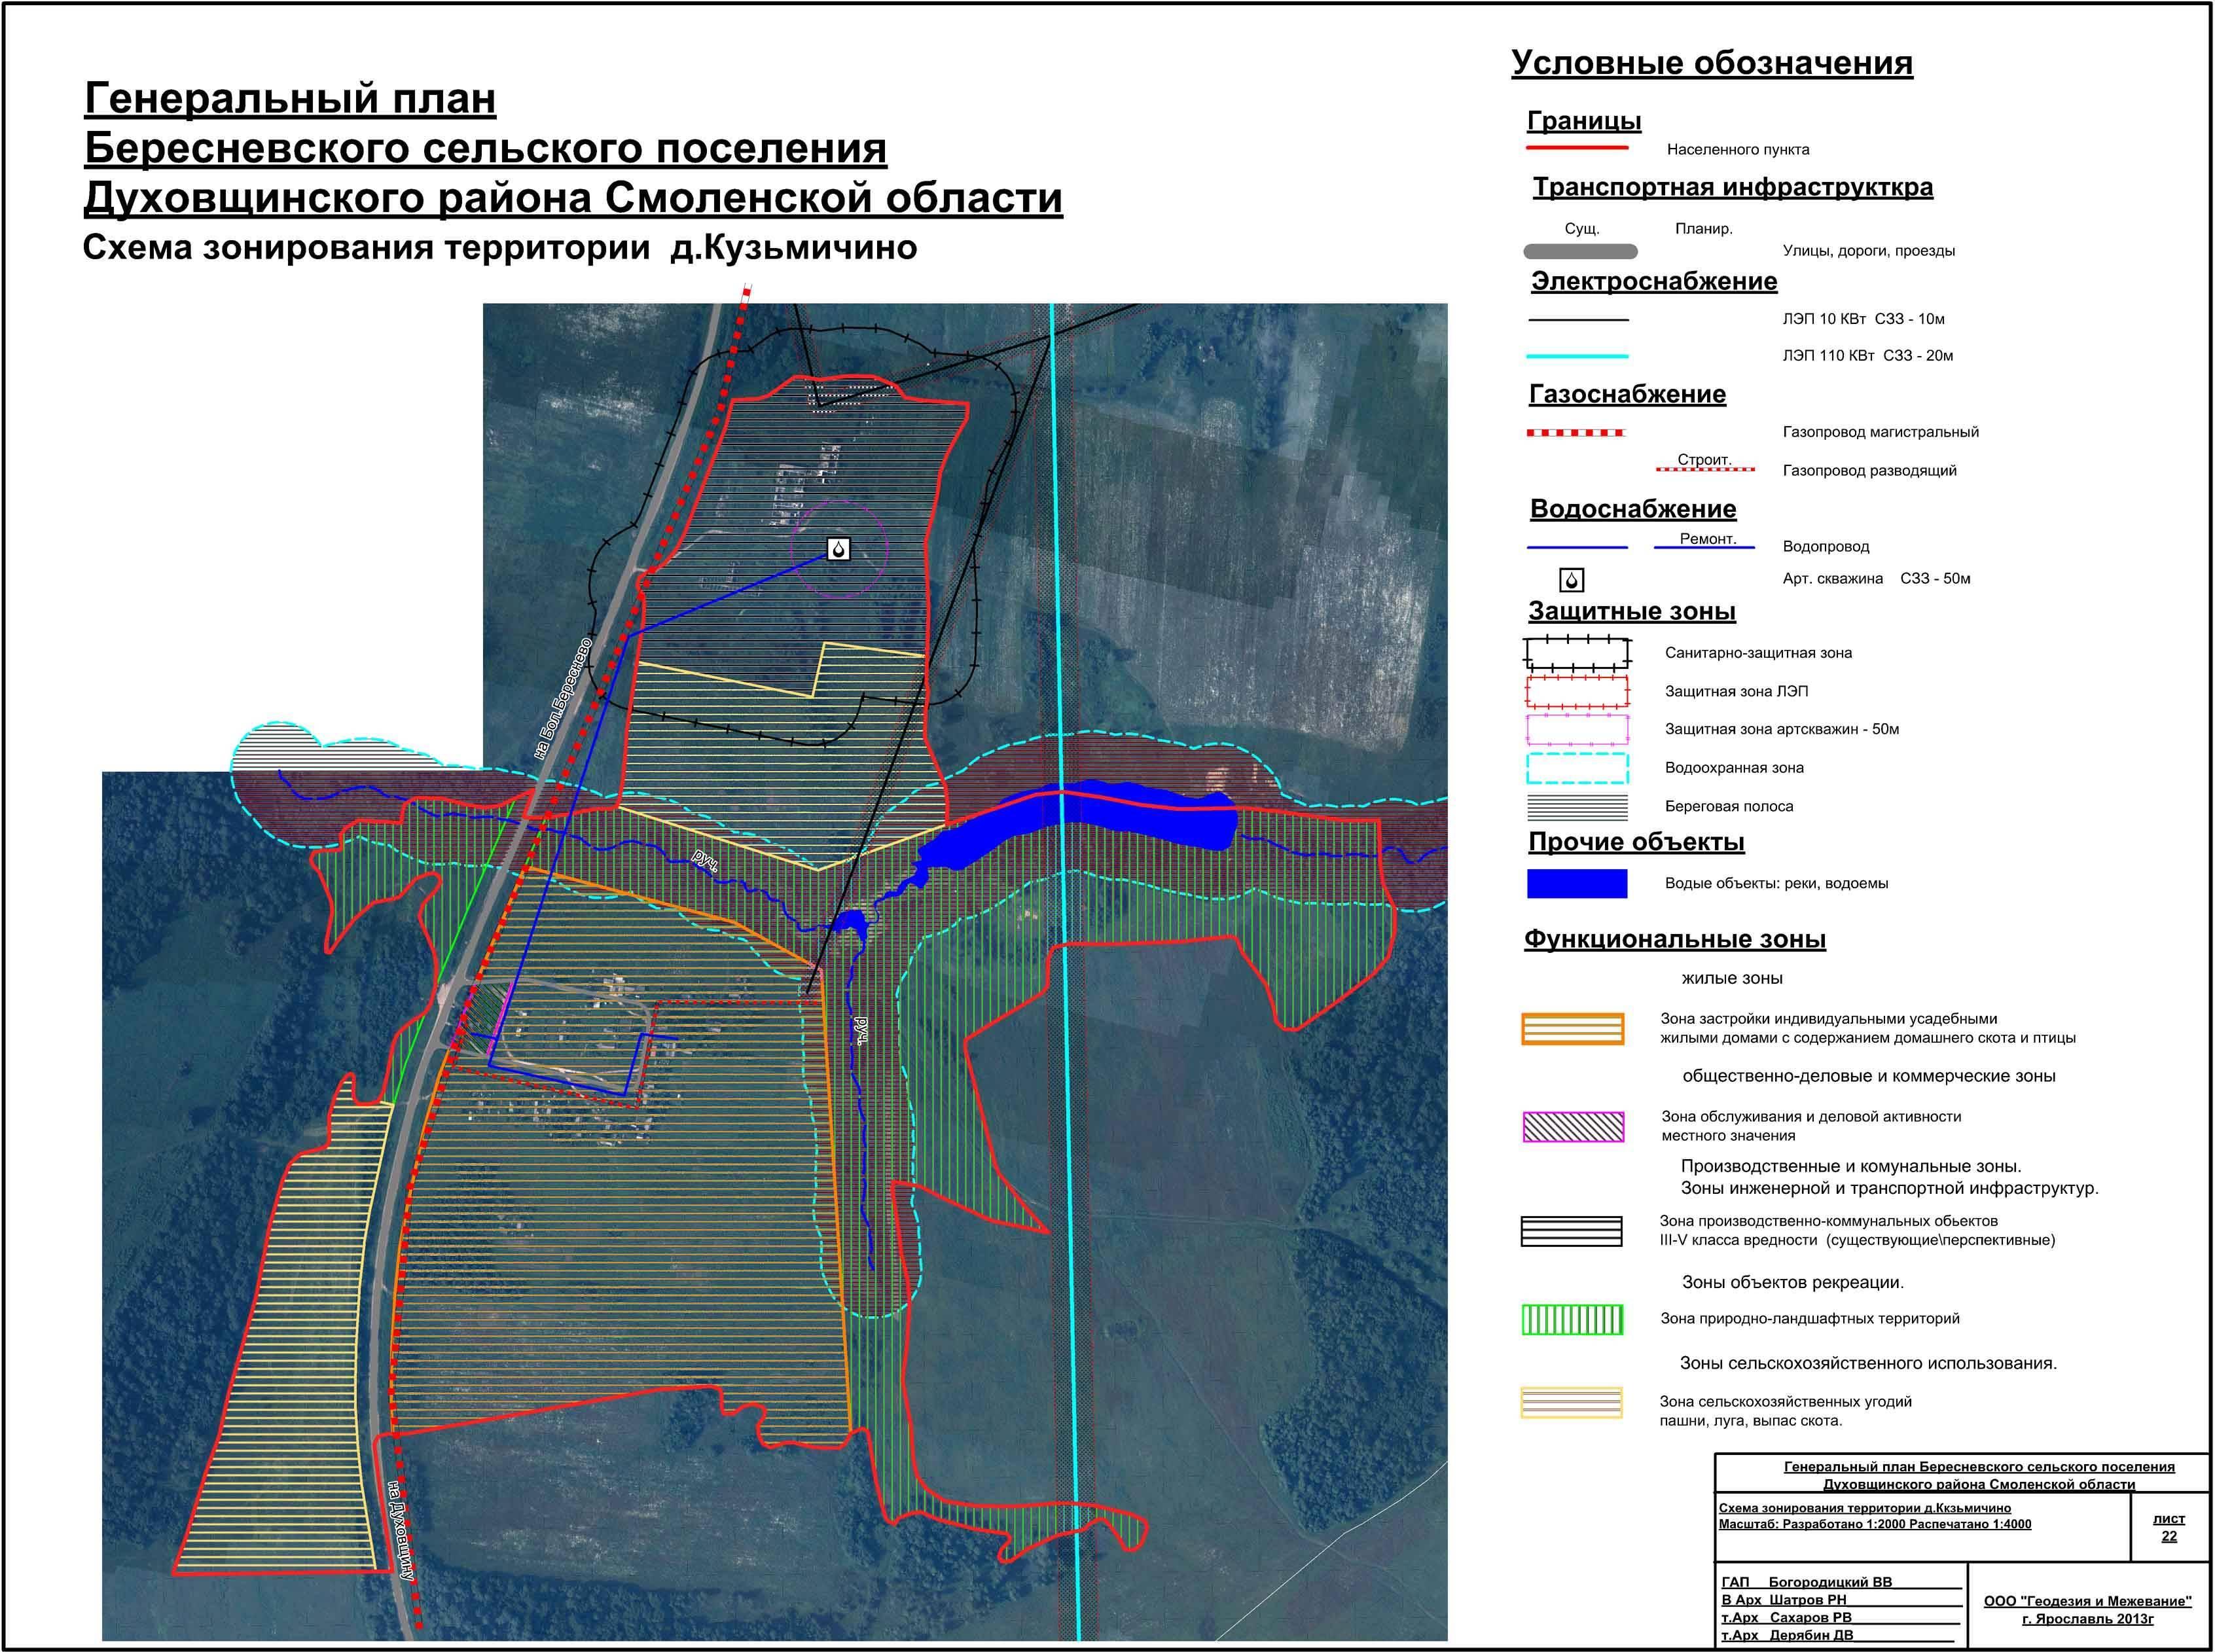 Охранная зона водопровода - пояса зонирования, правила строительства водопровода и канализации, ответственность